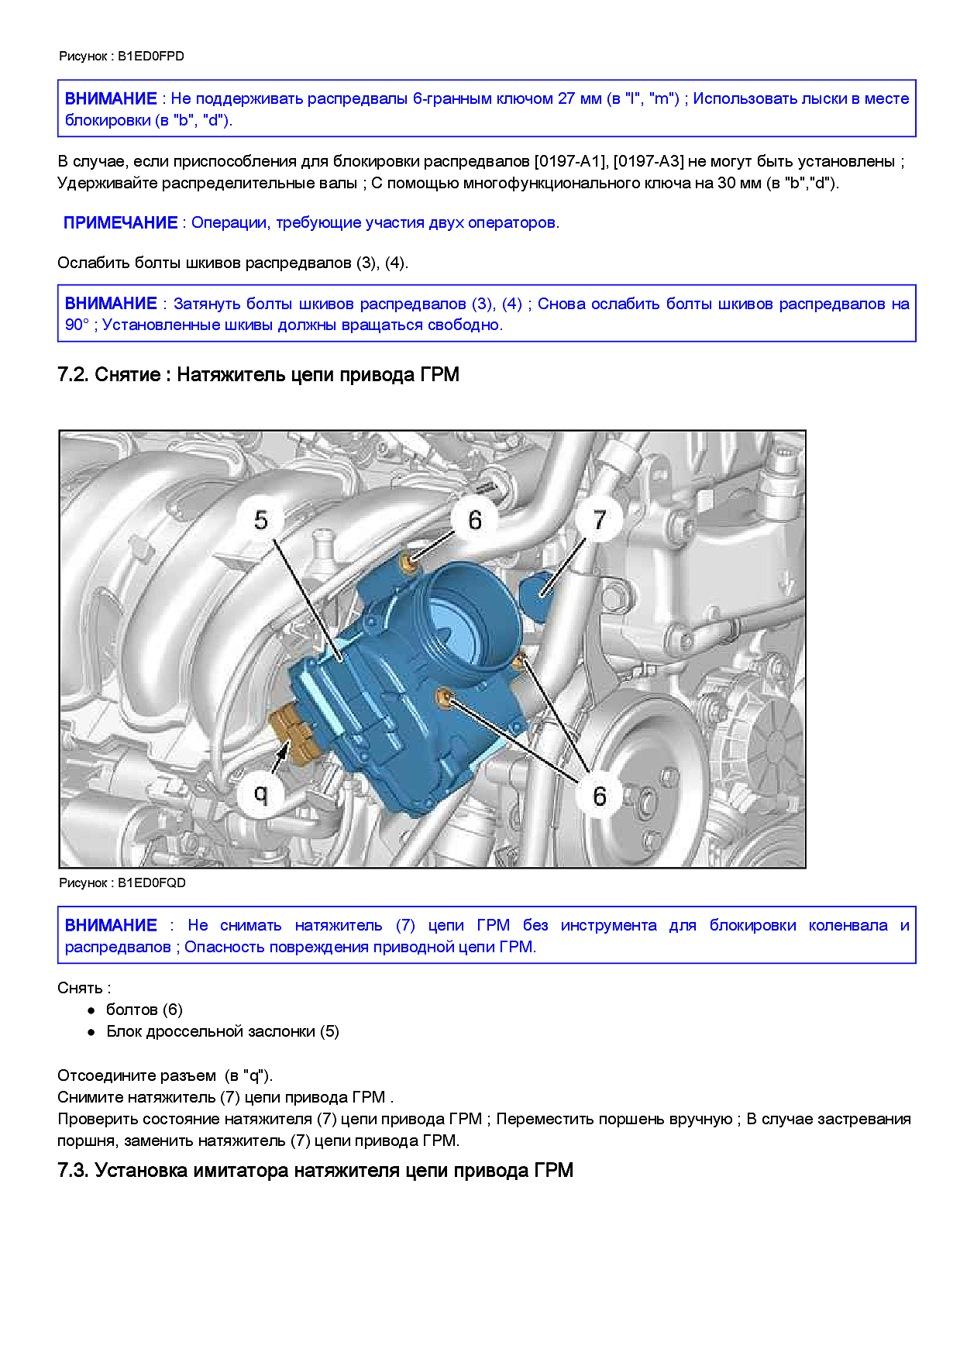 Проверка : фиксация механизма газораспределения - двигателя EP6 ( непрямой впрыск топлива) - logbook Peugeot 308 1.6AT VTi 2008